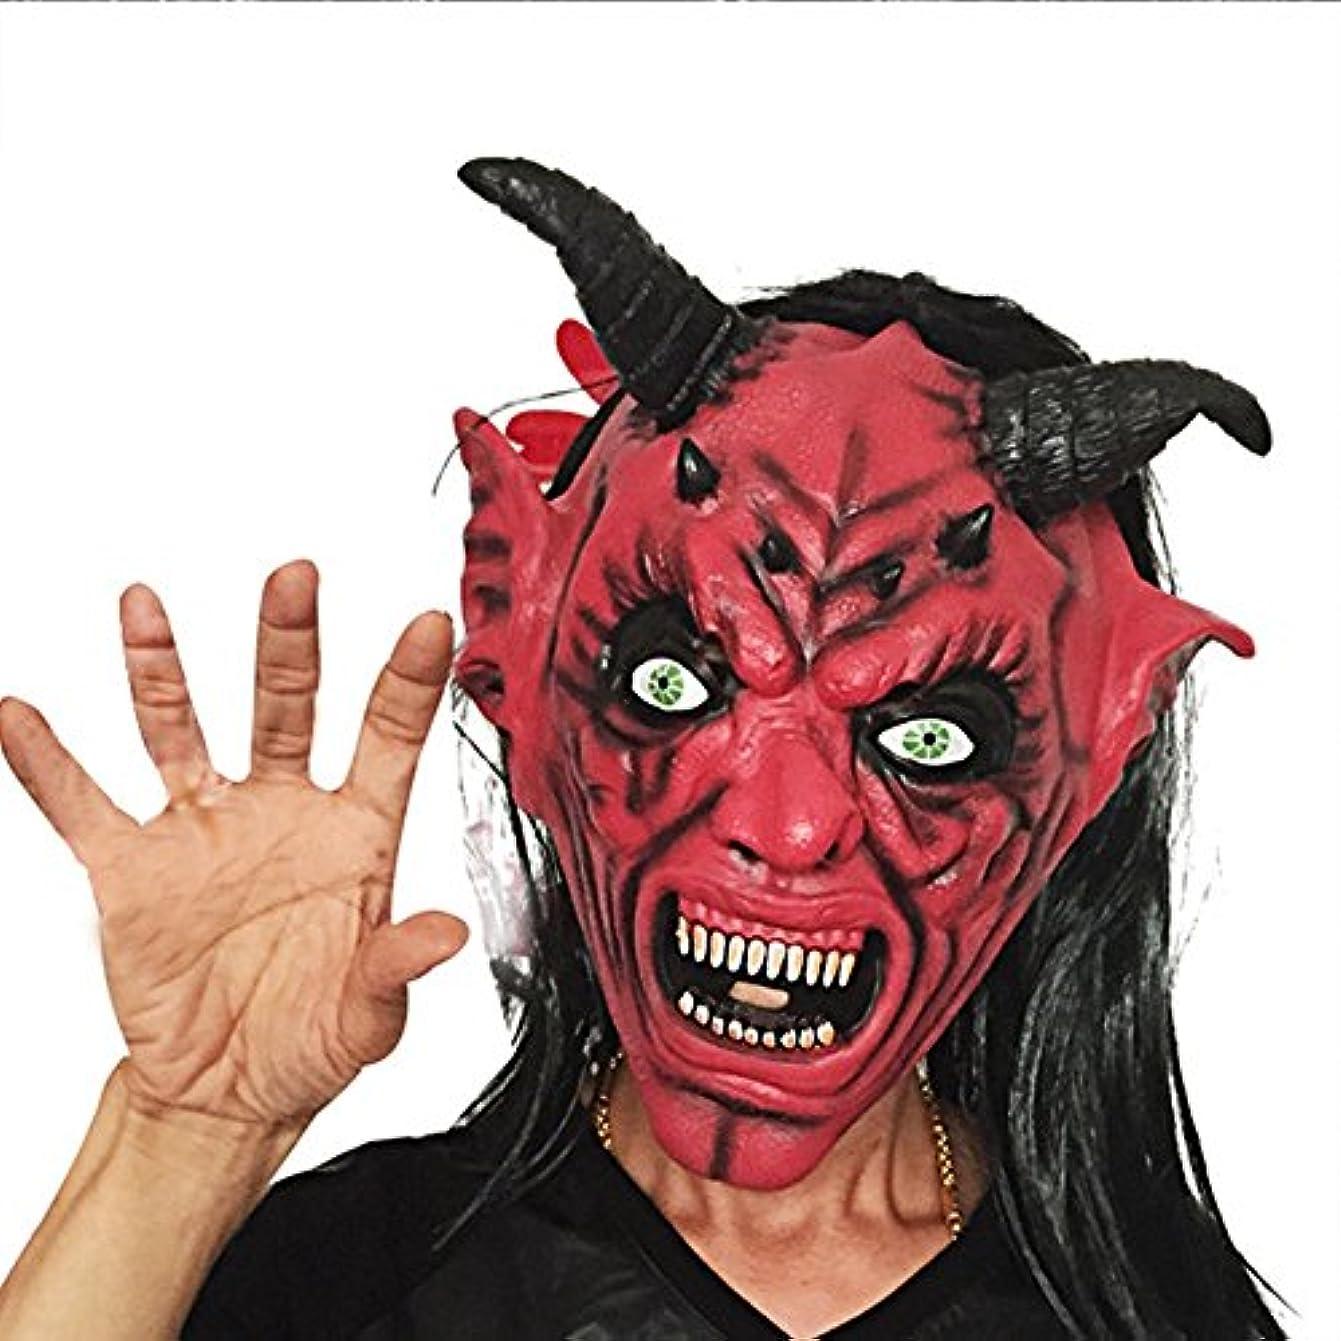 円形の熱心な勇者ハロウィンロングヘアレッドフェイスホーンマスクカーニバルバー怖い悪魔怖いセットレッドフェイスブラックマスク